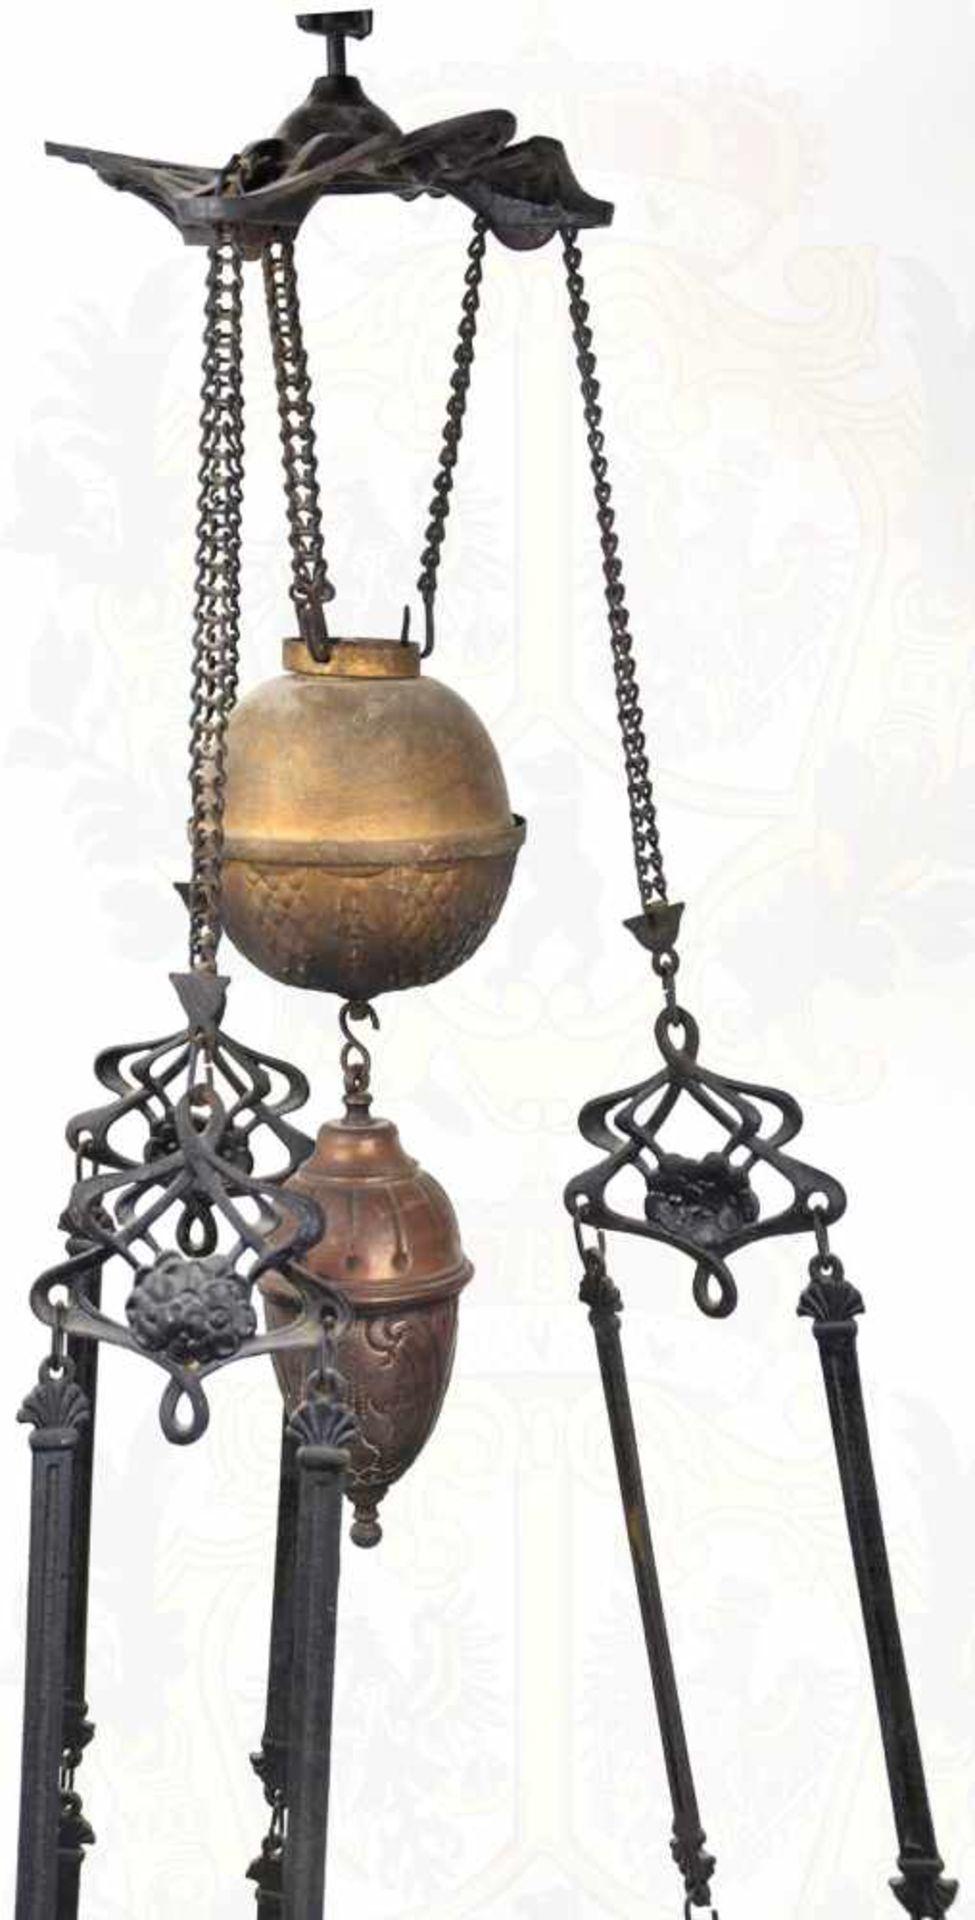 DECKENLEUCHTE, mehrteiliges Gestell aus Eisen mit Verzierungen, Kettengliedern zur Aufhängung, - Bild 2 aus 3